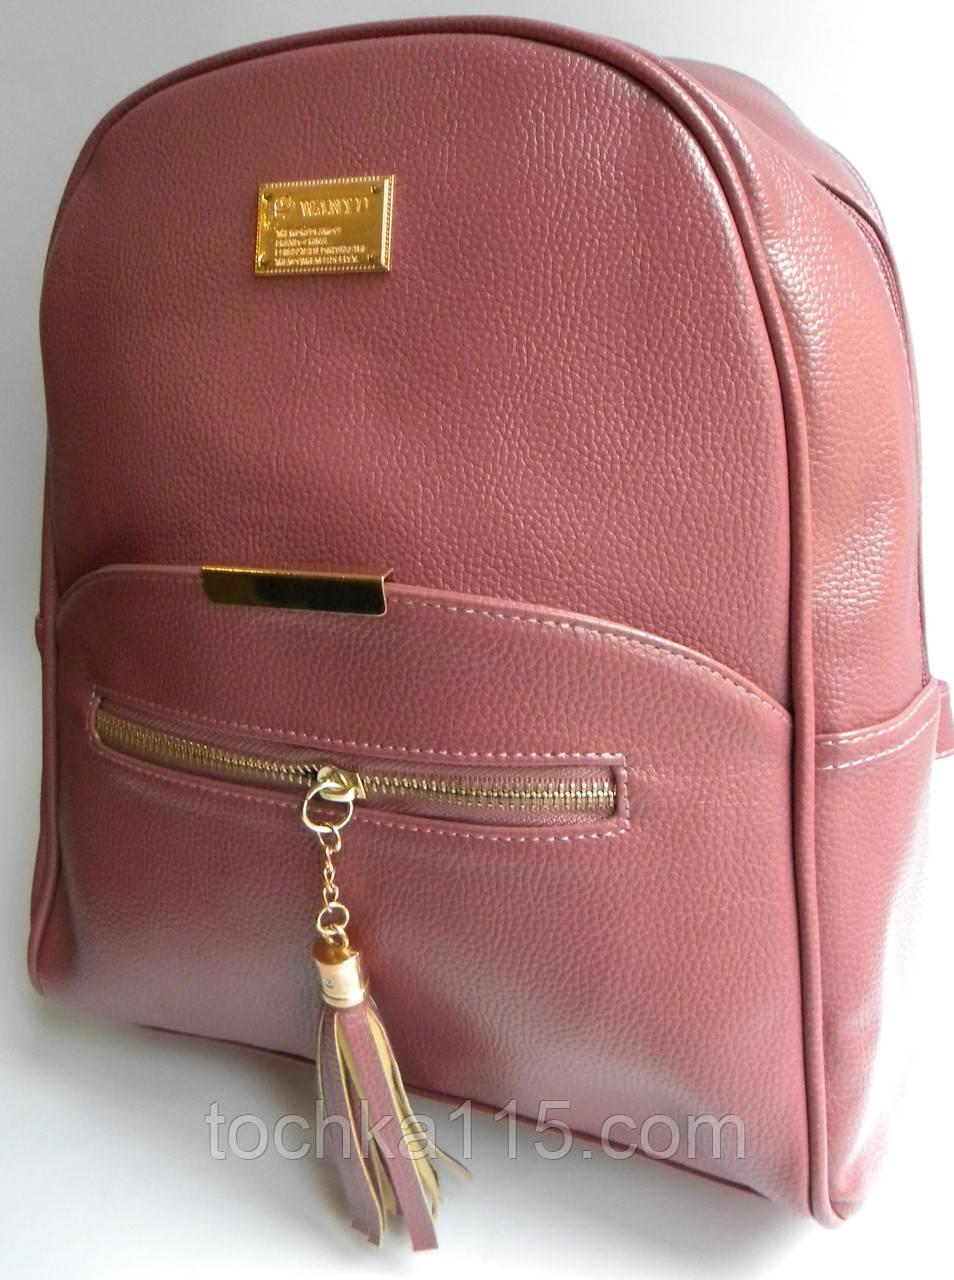 Новинка! Женский кожаный рюкзак WANYU розовый